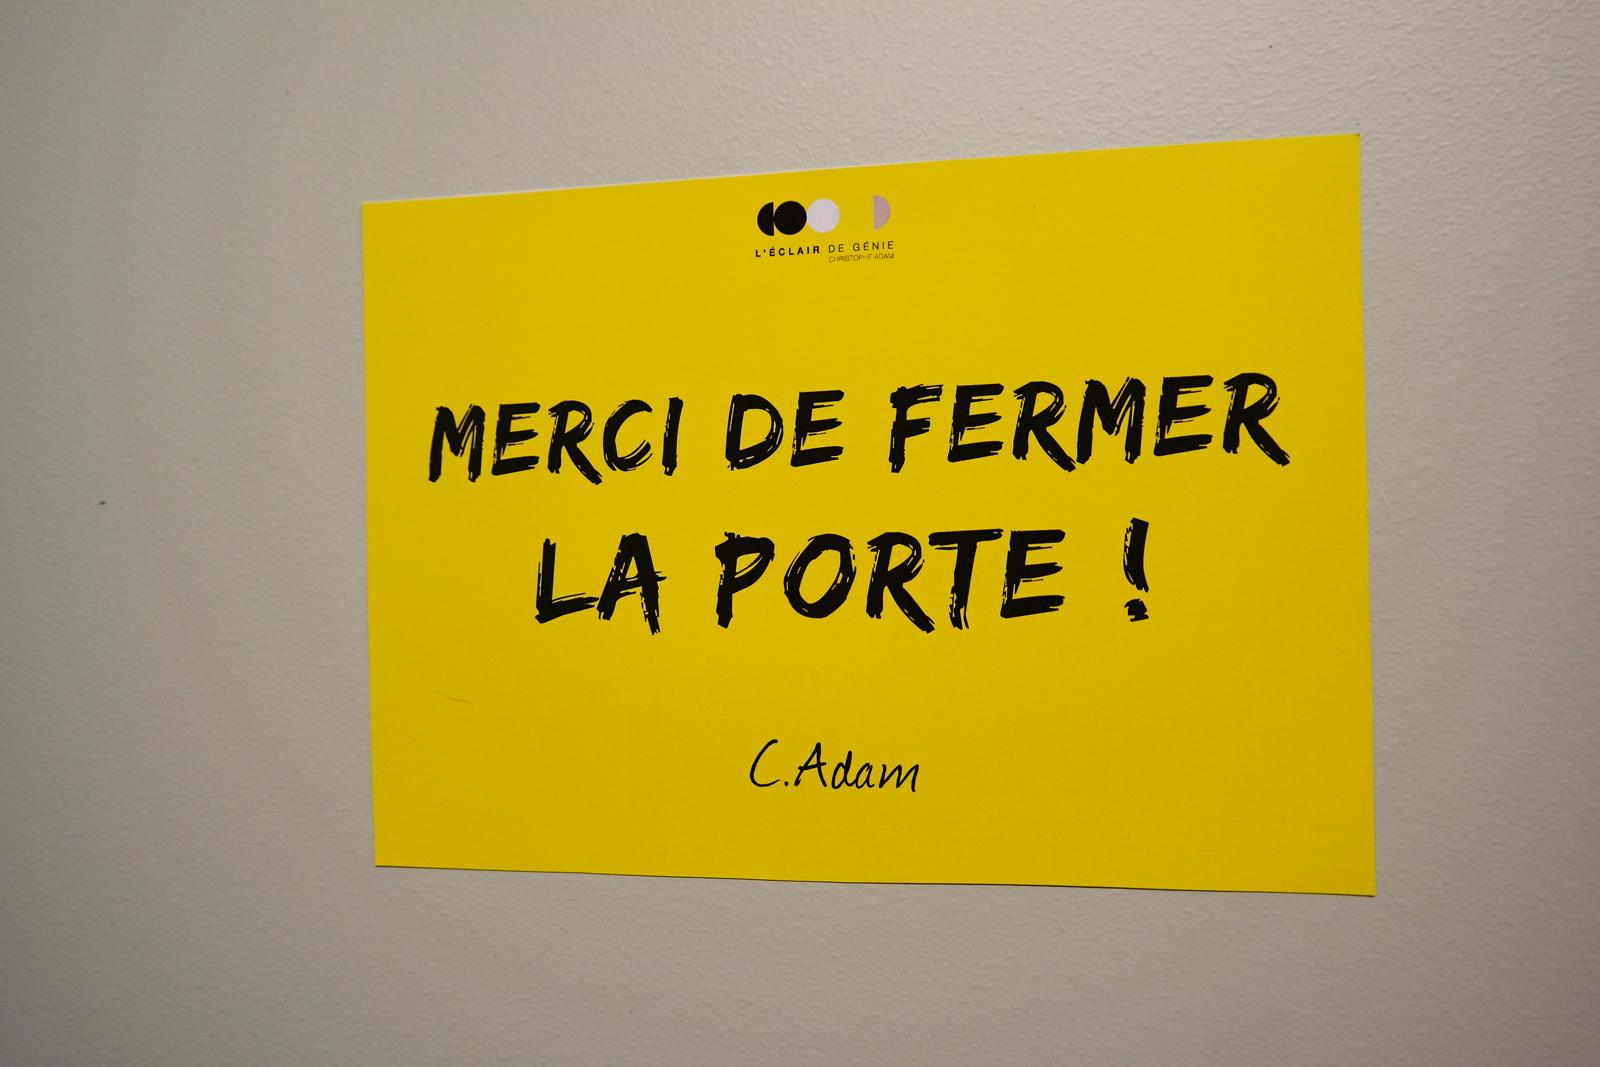 L-Eclair-de-Génie-La-Fabrique-32-rue-notre-dame-des-victoires-PAris-2e-atelier-de-fabrication-patisserie-Christophe-Adam-consignes-photo-by-United-States-of-Paris-blog